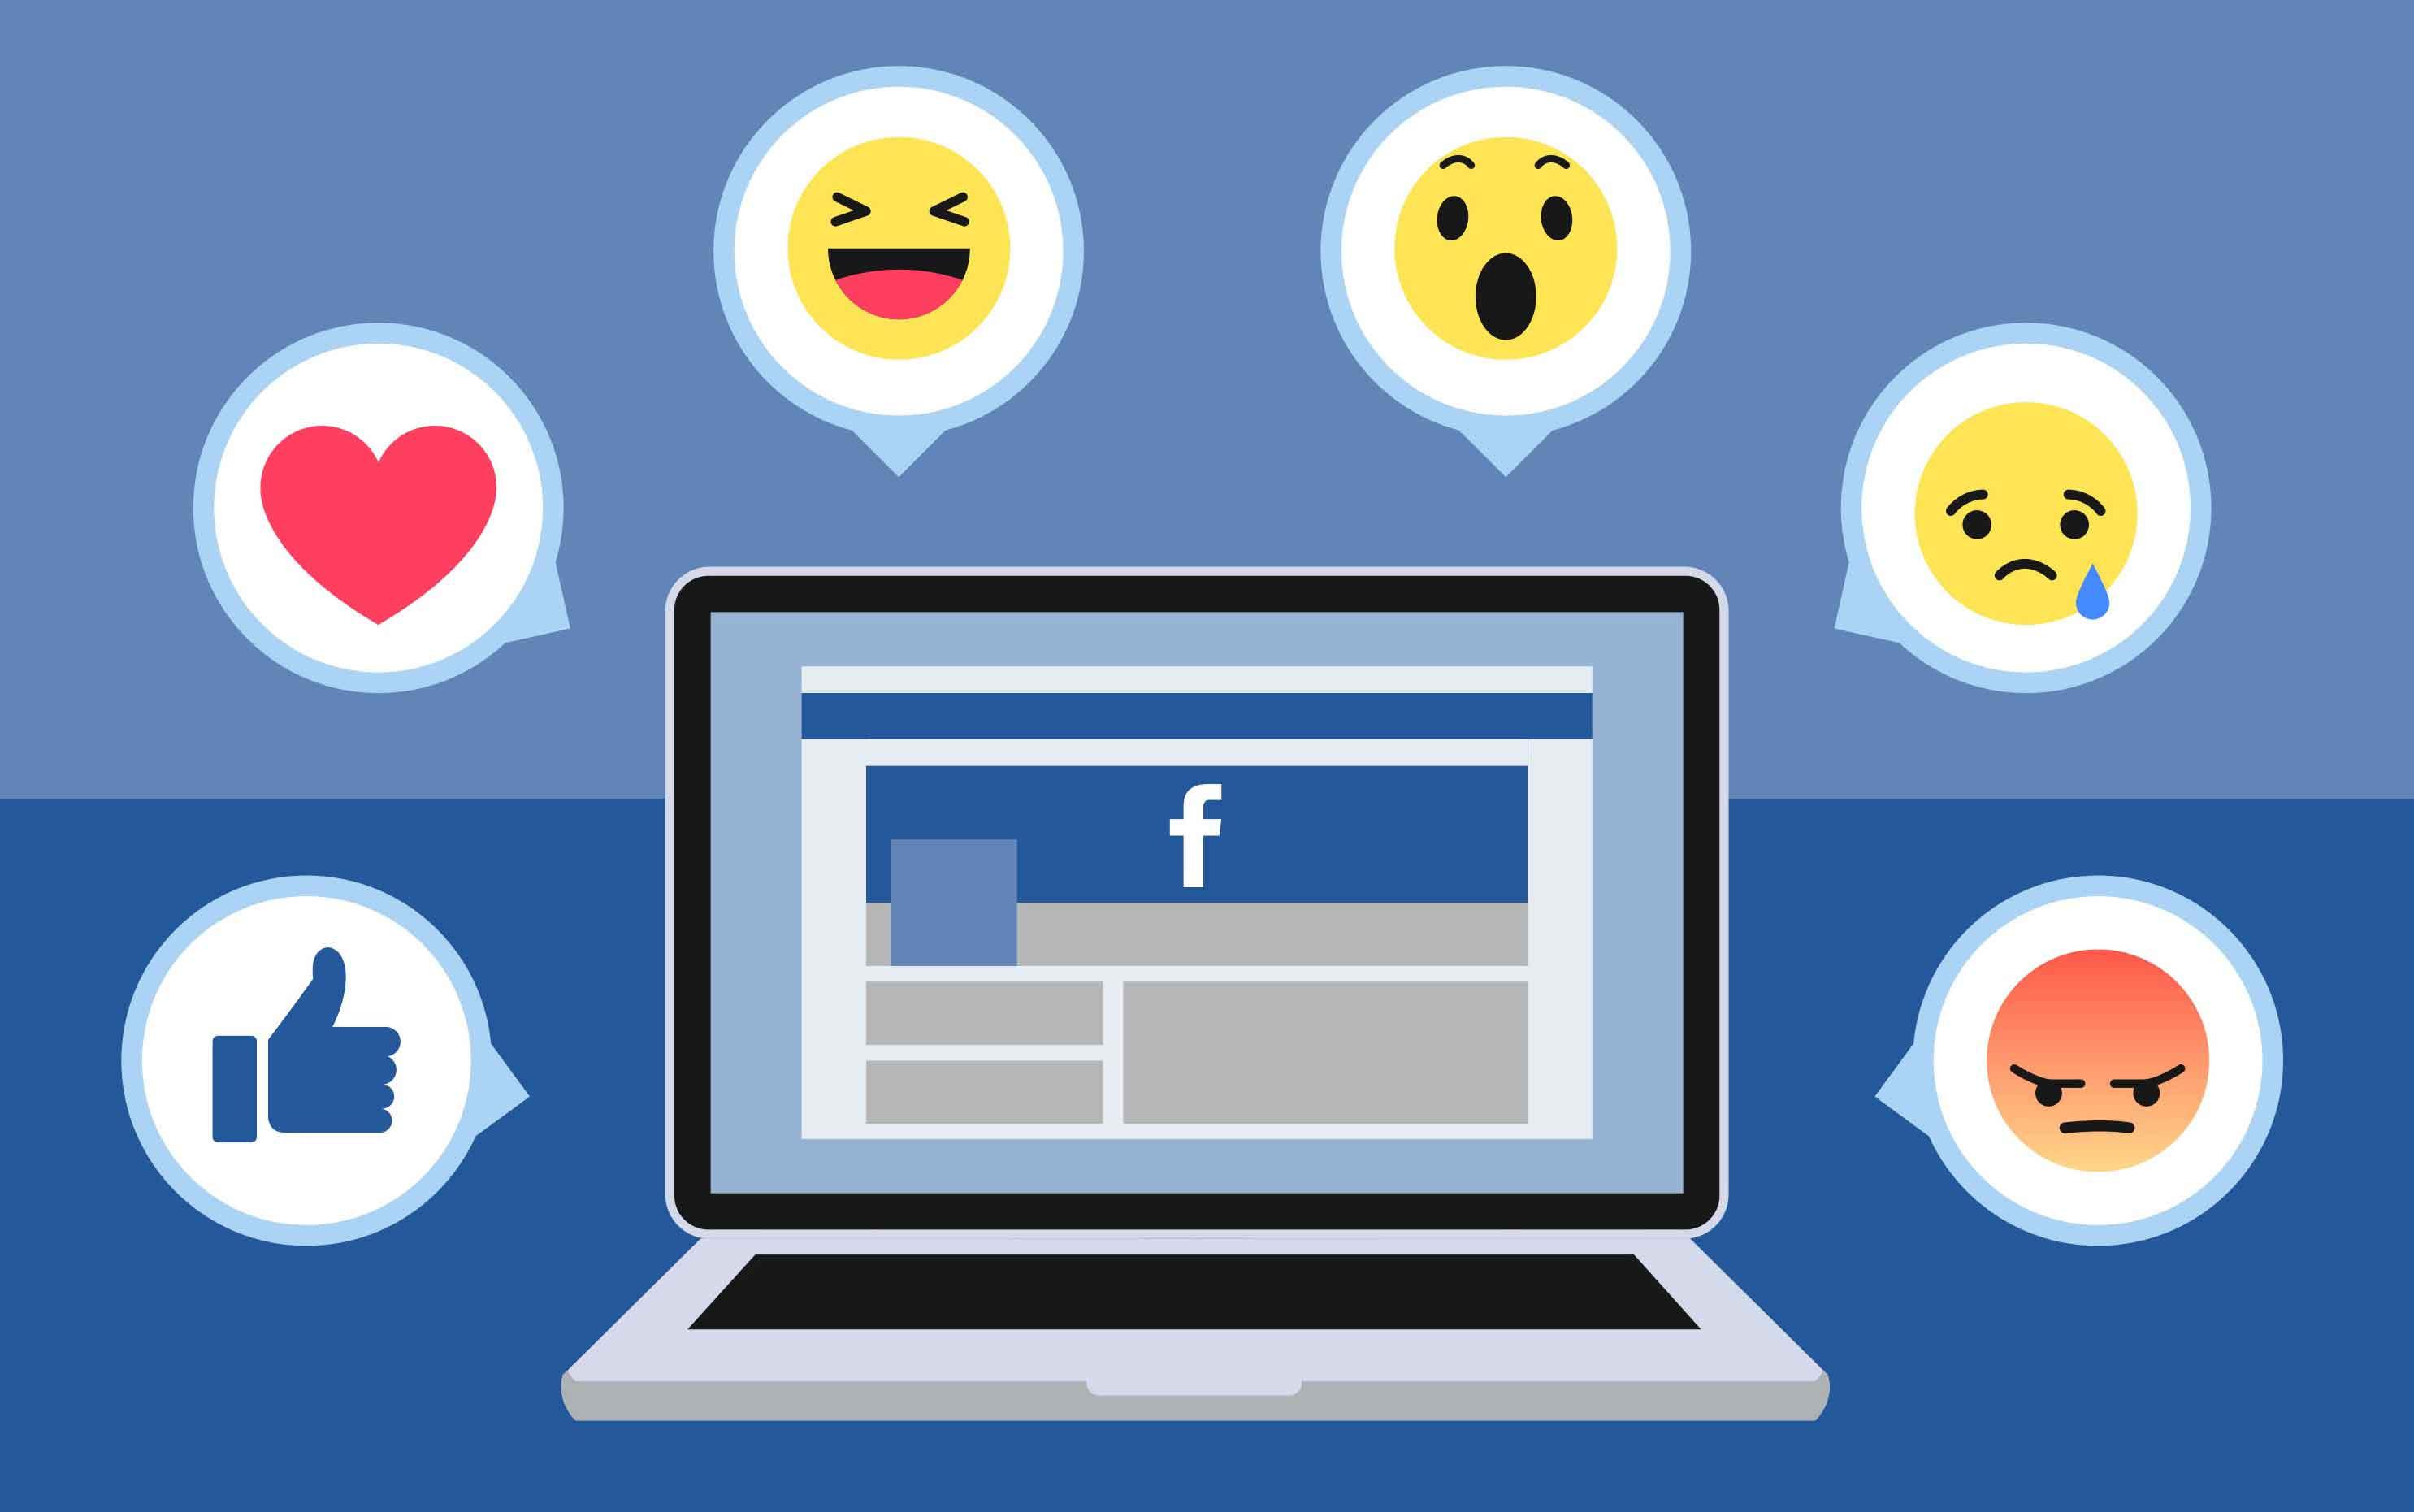 Hướng dẫn cách đổi, chỉnh sửa tên nhanh trên Facebook trên điện thoại, máy  tính - META.vn